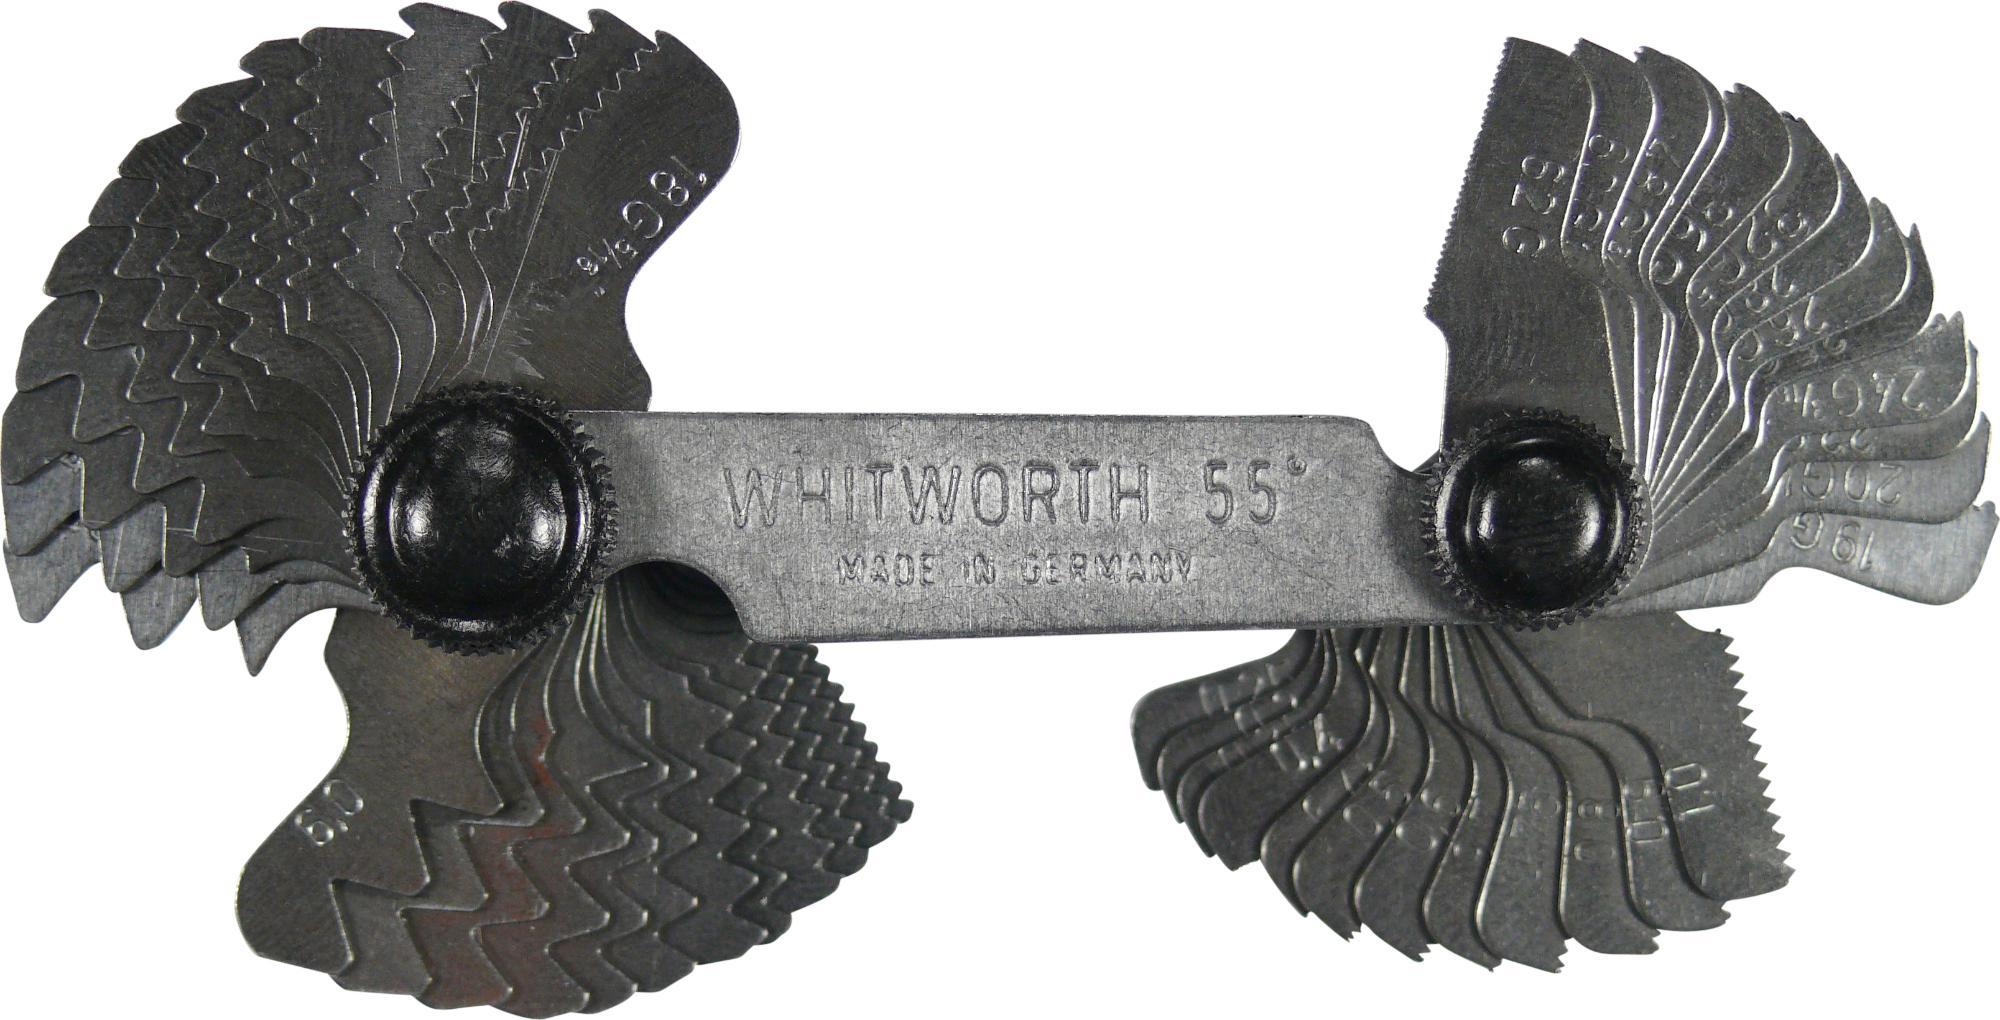 Závitové mierky, 52 liks, metrisch/whitworth